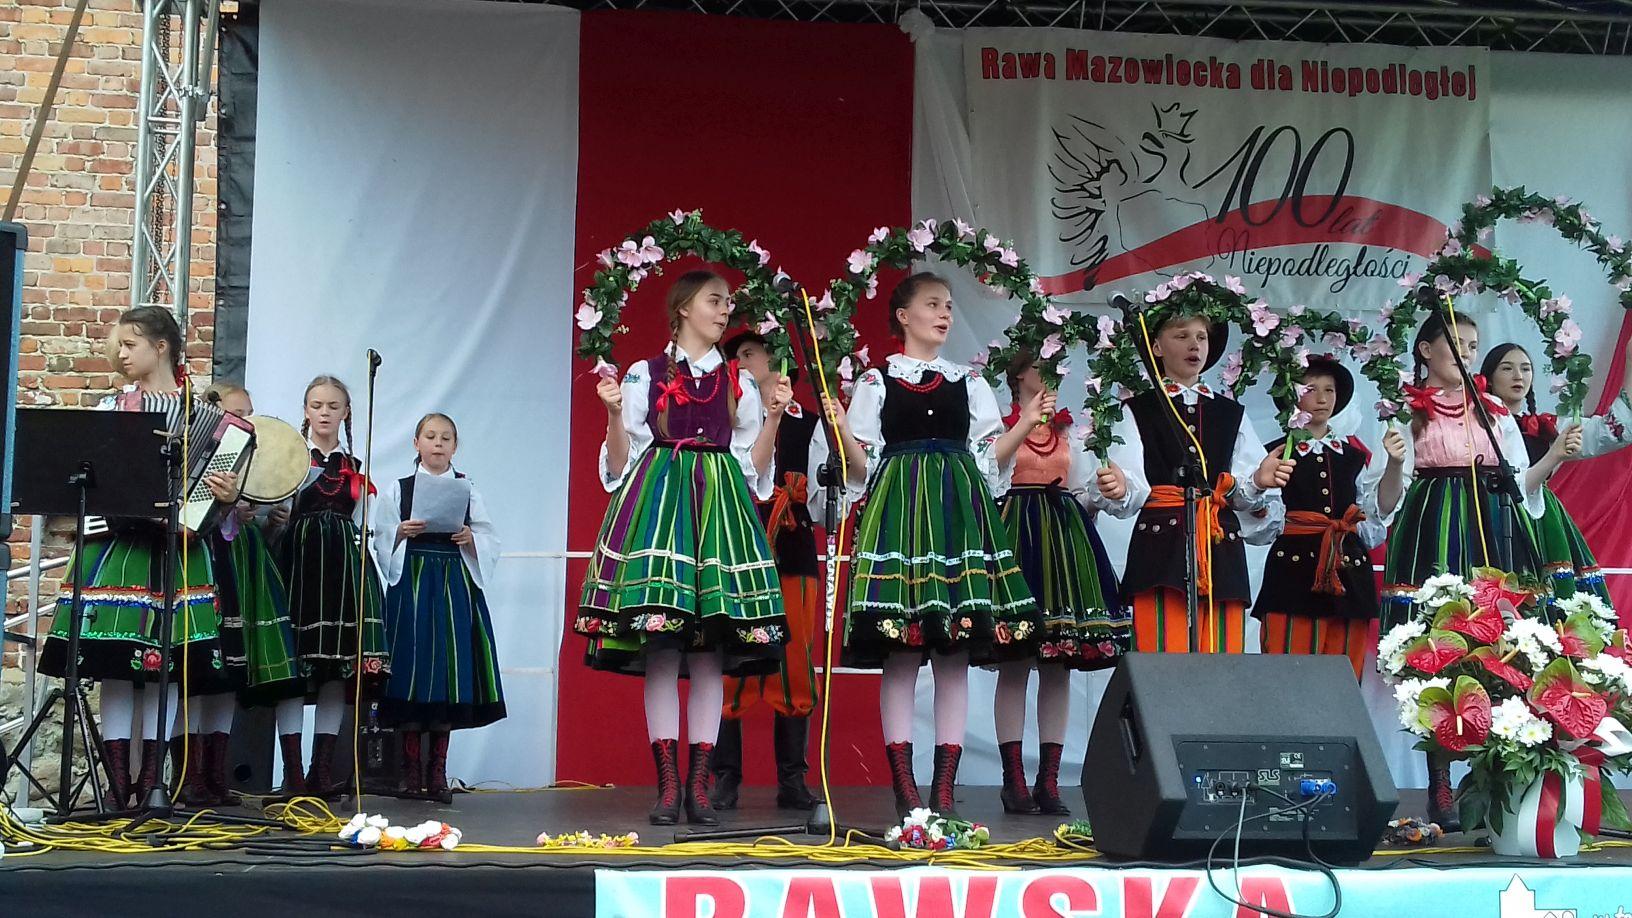 2018-05-03 Rawa Mazowiecka - Radosne Święto (52)